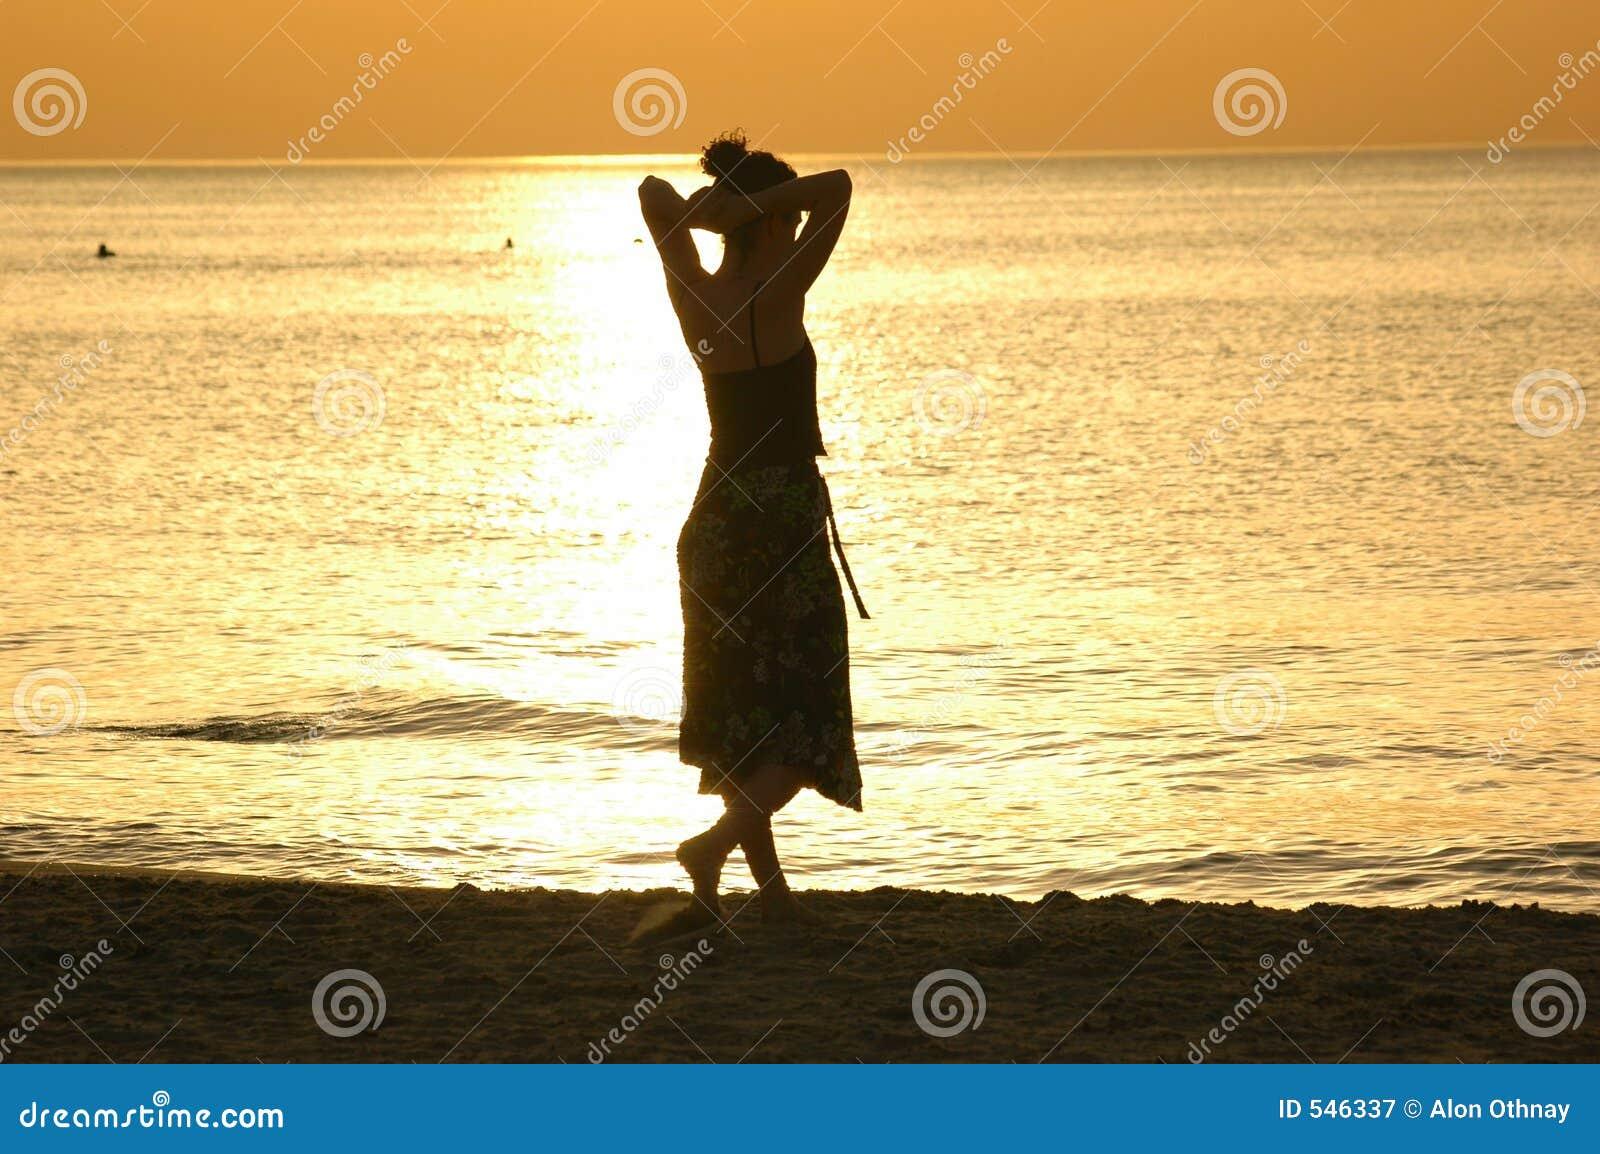 Download 剪影日落 库存图片. 图片 包括有 人们, 女性, 天空, 夏天, 妇女, 作用, 火箭筒, 形状, 放松, bren - 546337